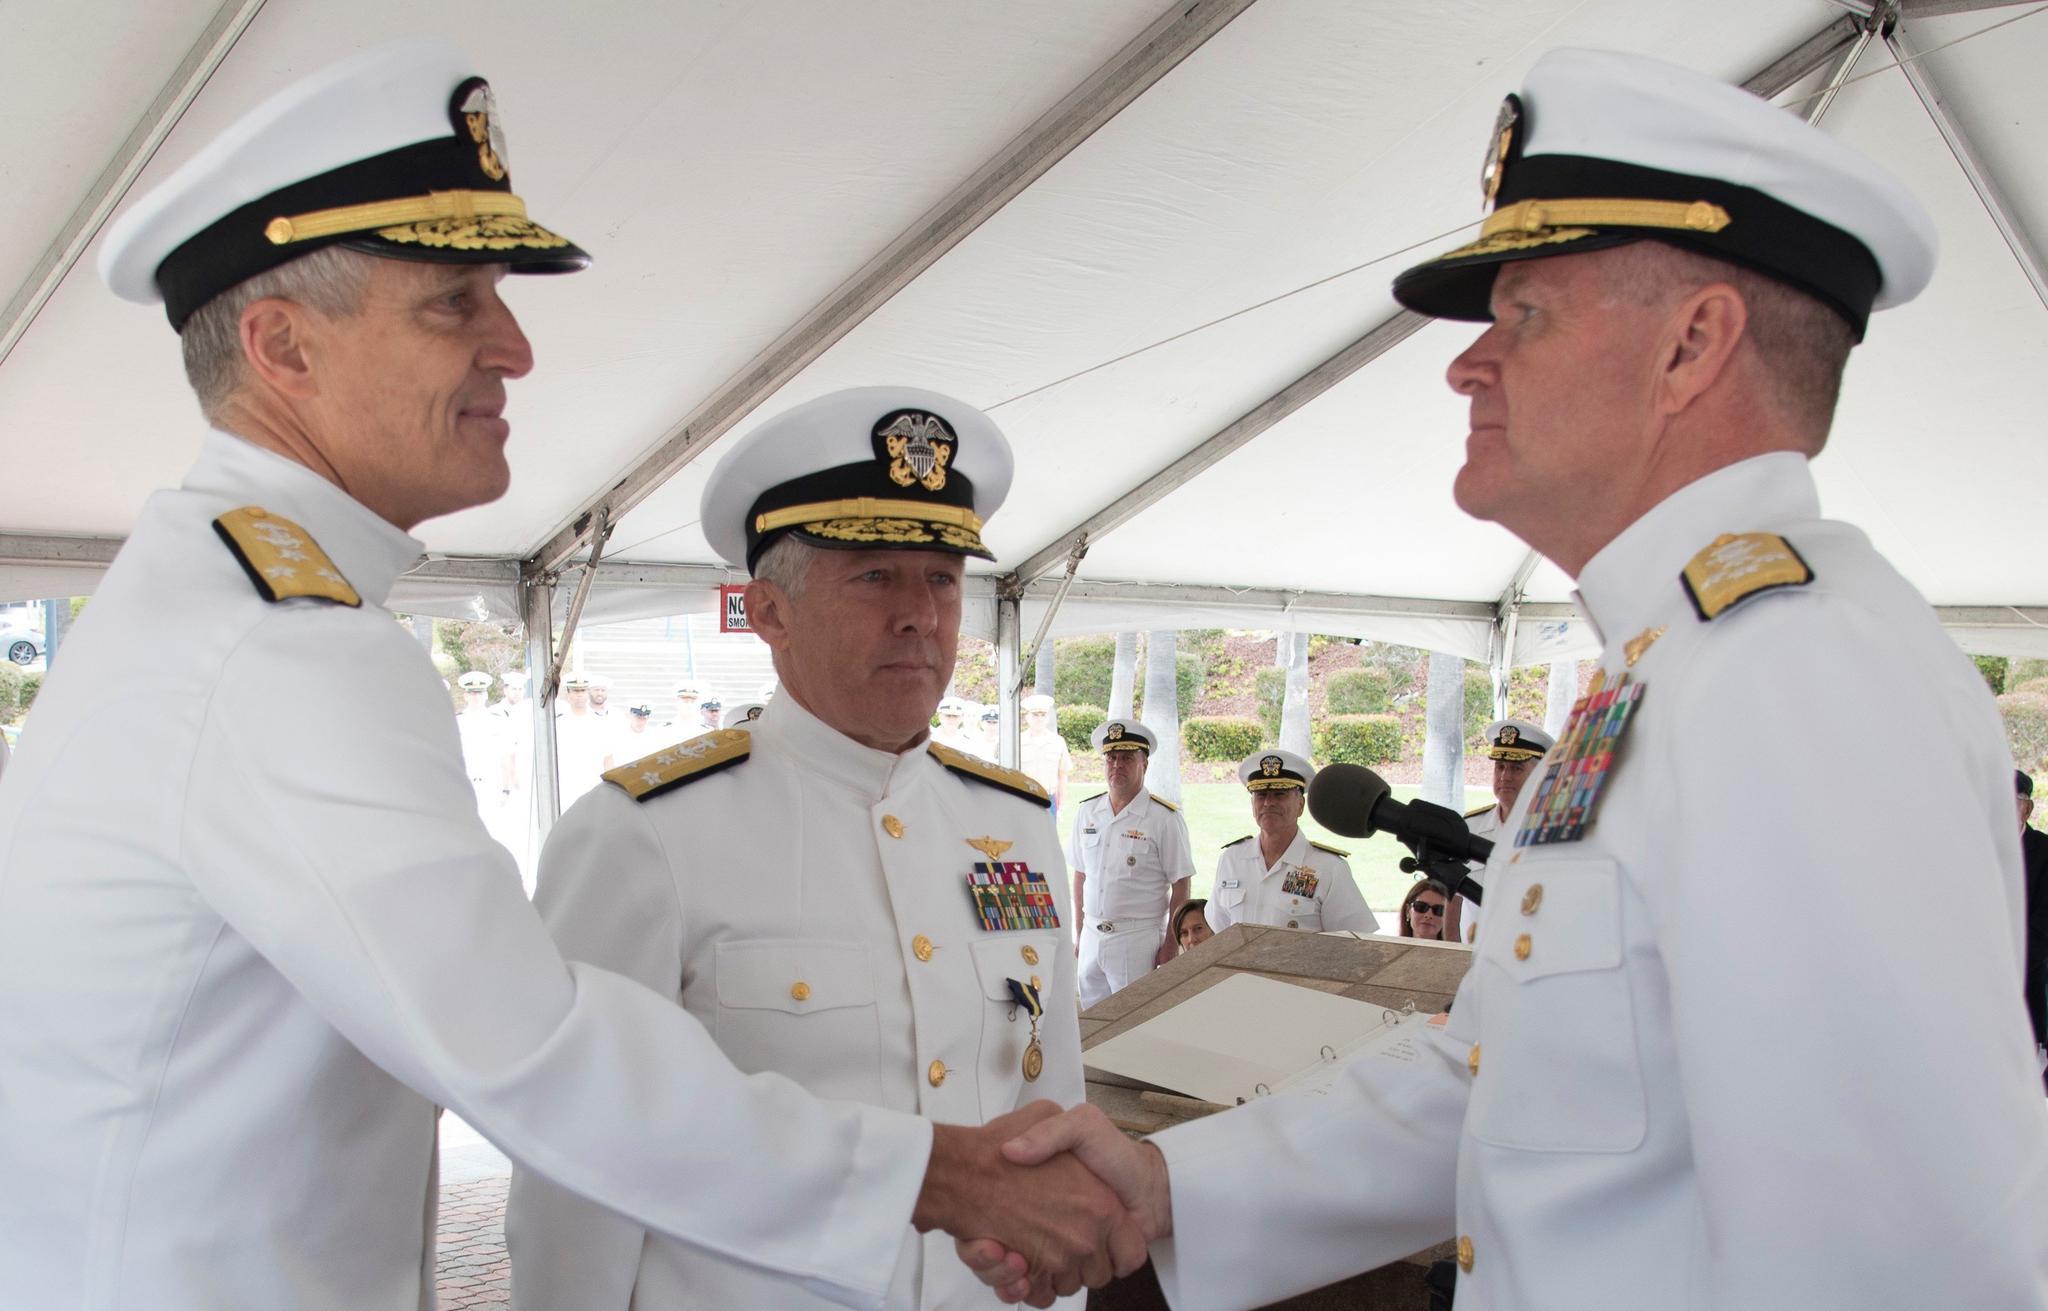 美海军第三舰队换帅 新司令曾在我国海域执行任务